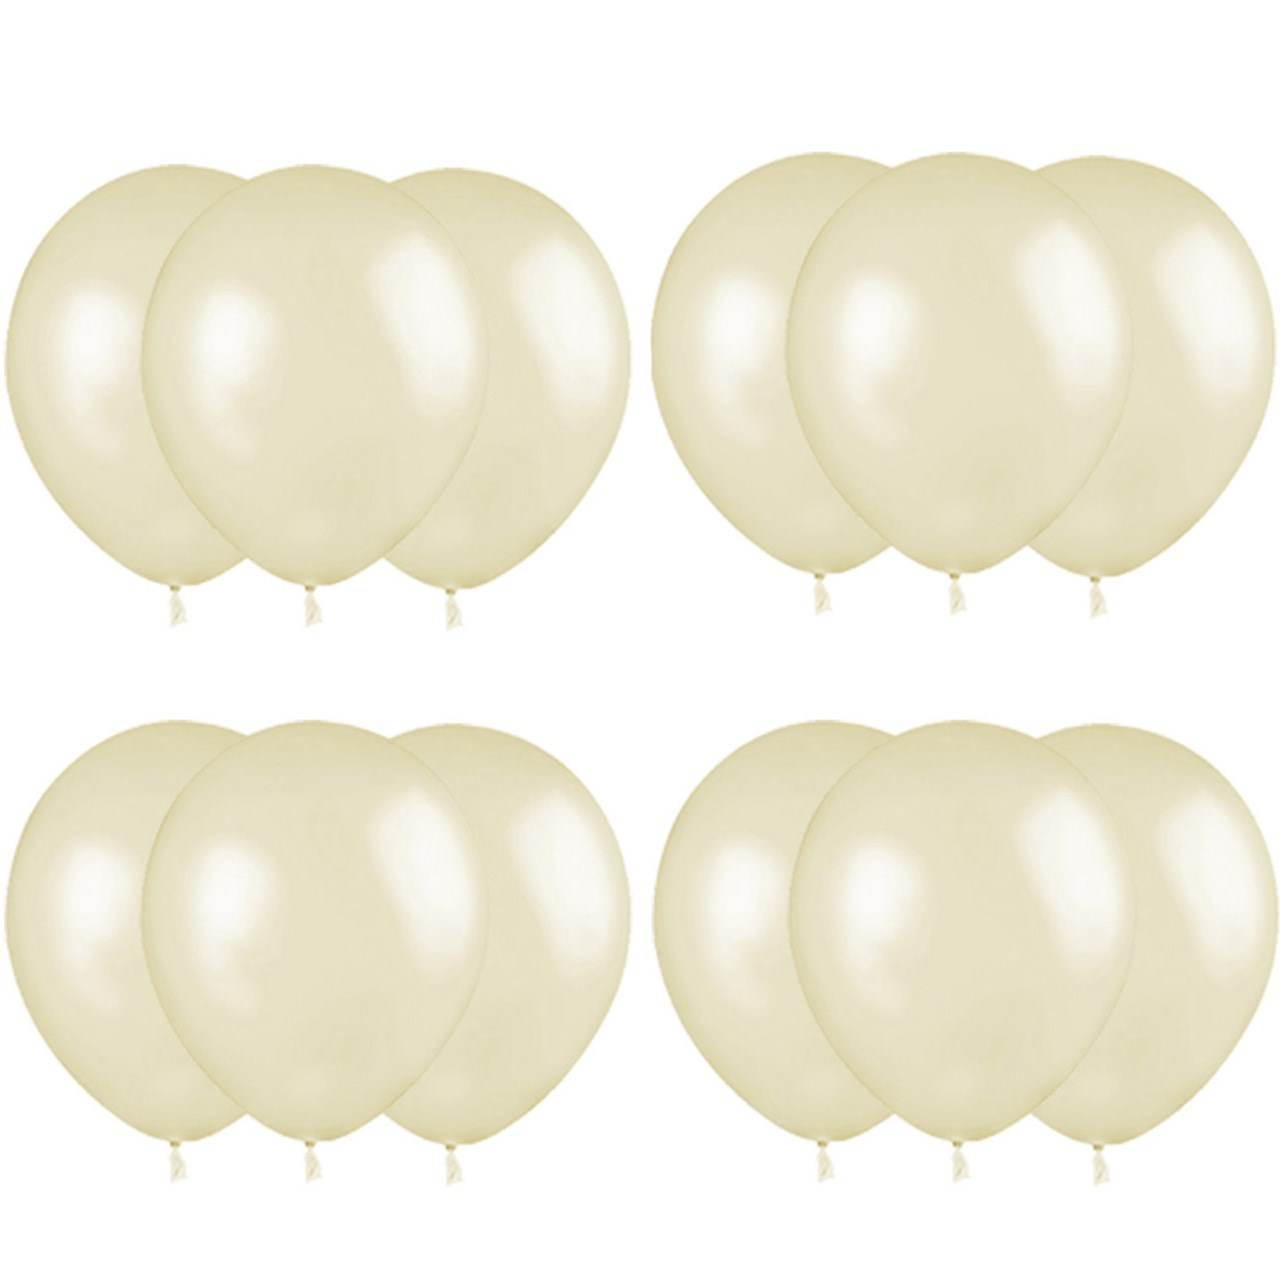 بادکنک پارتی مدل Helium Quality بسته 12 عددی